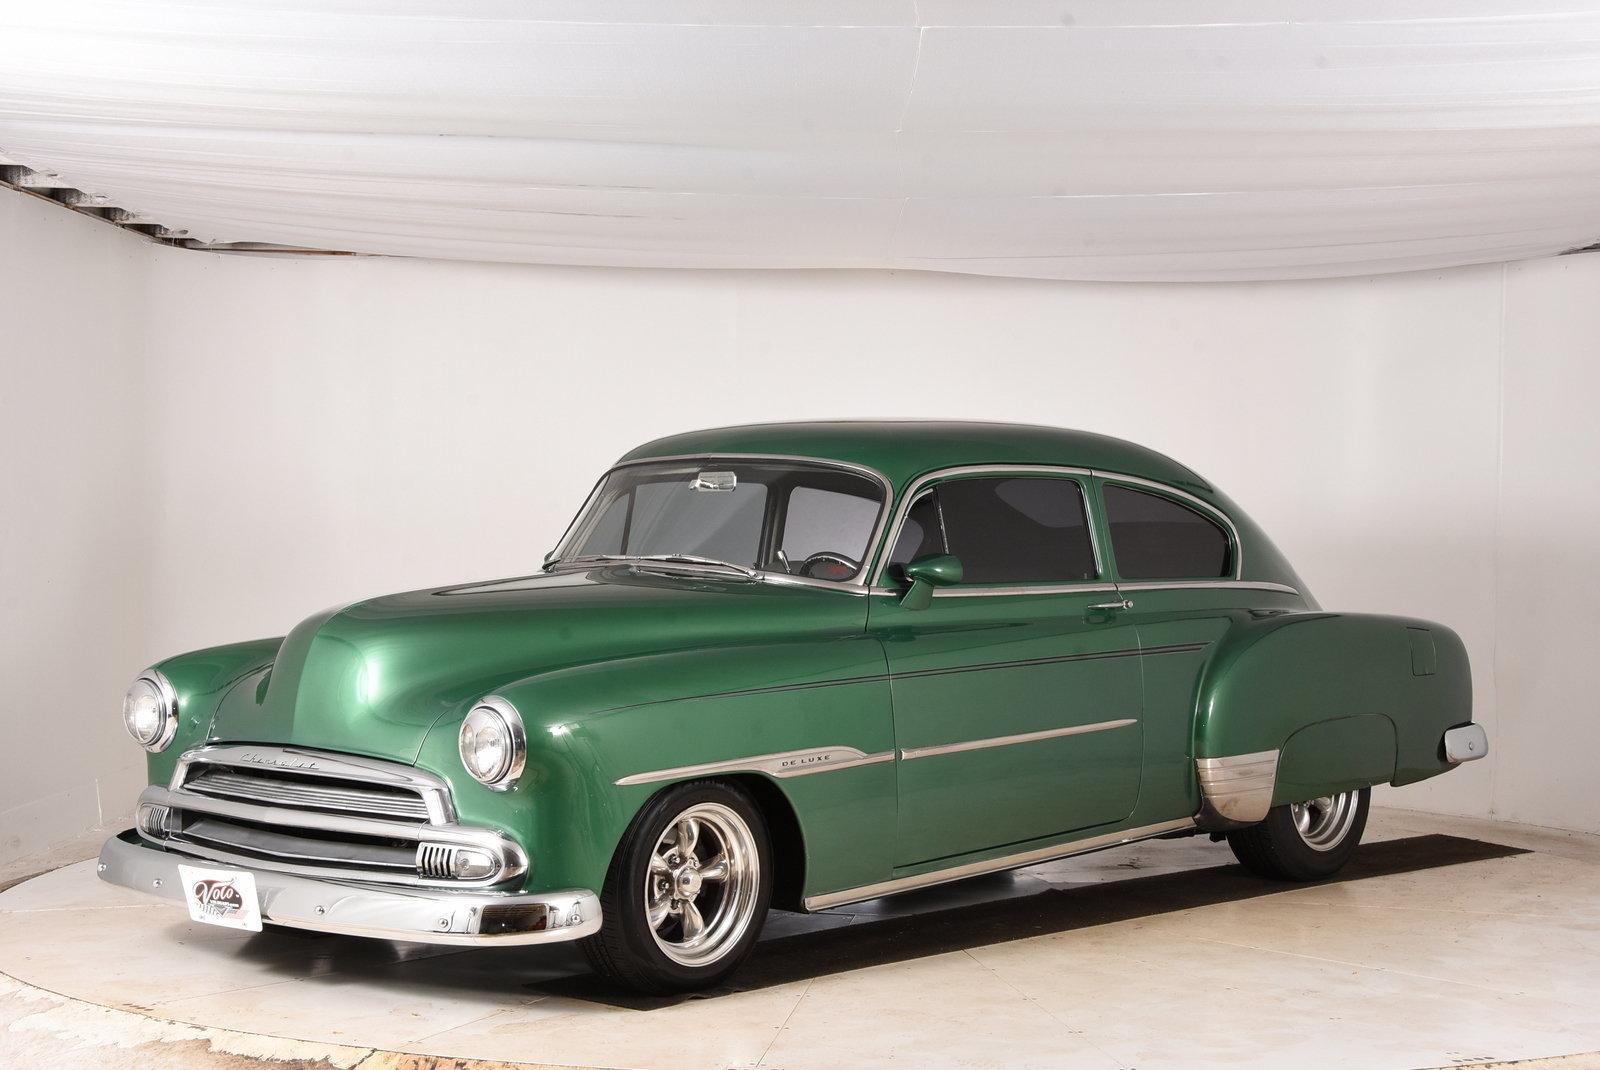 1951 Chevrolet Deluxe For Sale 104197 Mcg 2 Door